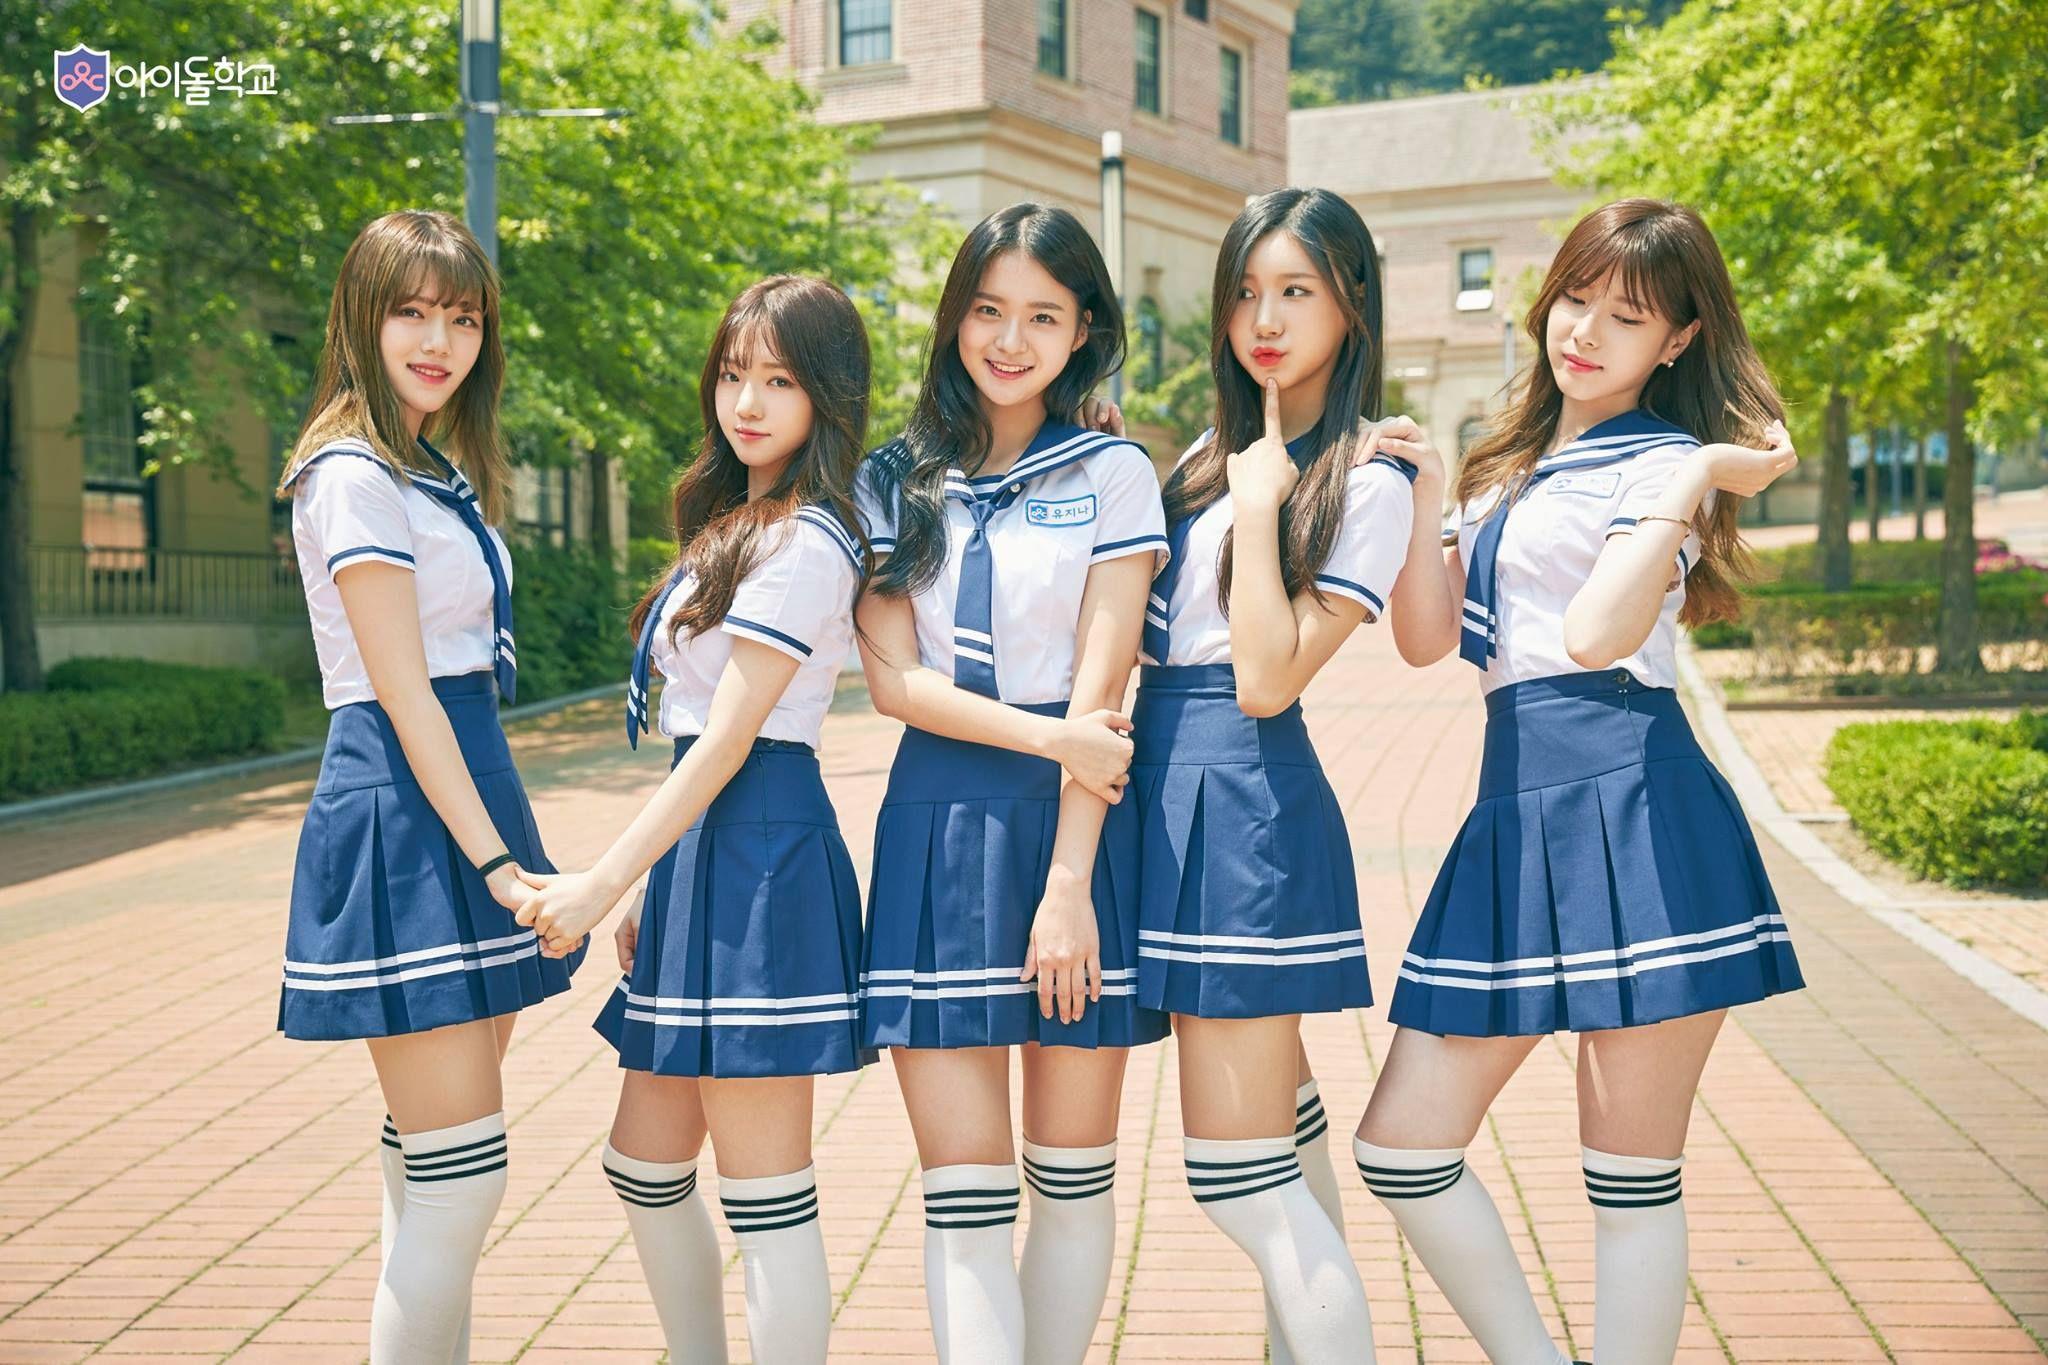 Mnet Idol School Mnet Idol School Profile Mnet Idol School Kpop Mnet Idol School Kpop Profile Mnet School Girl Outfit School Girl Japan Korean Best Friends